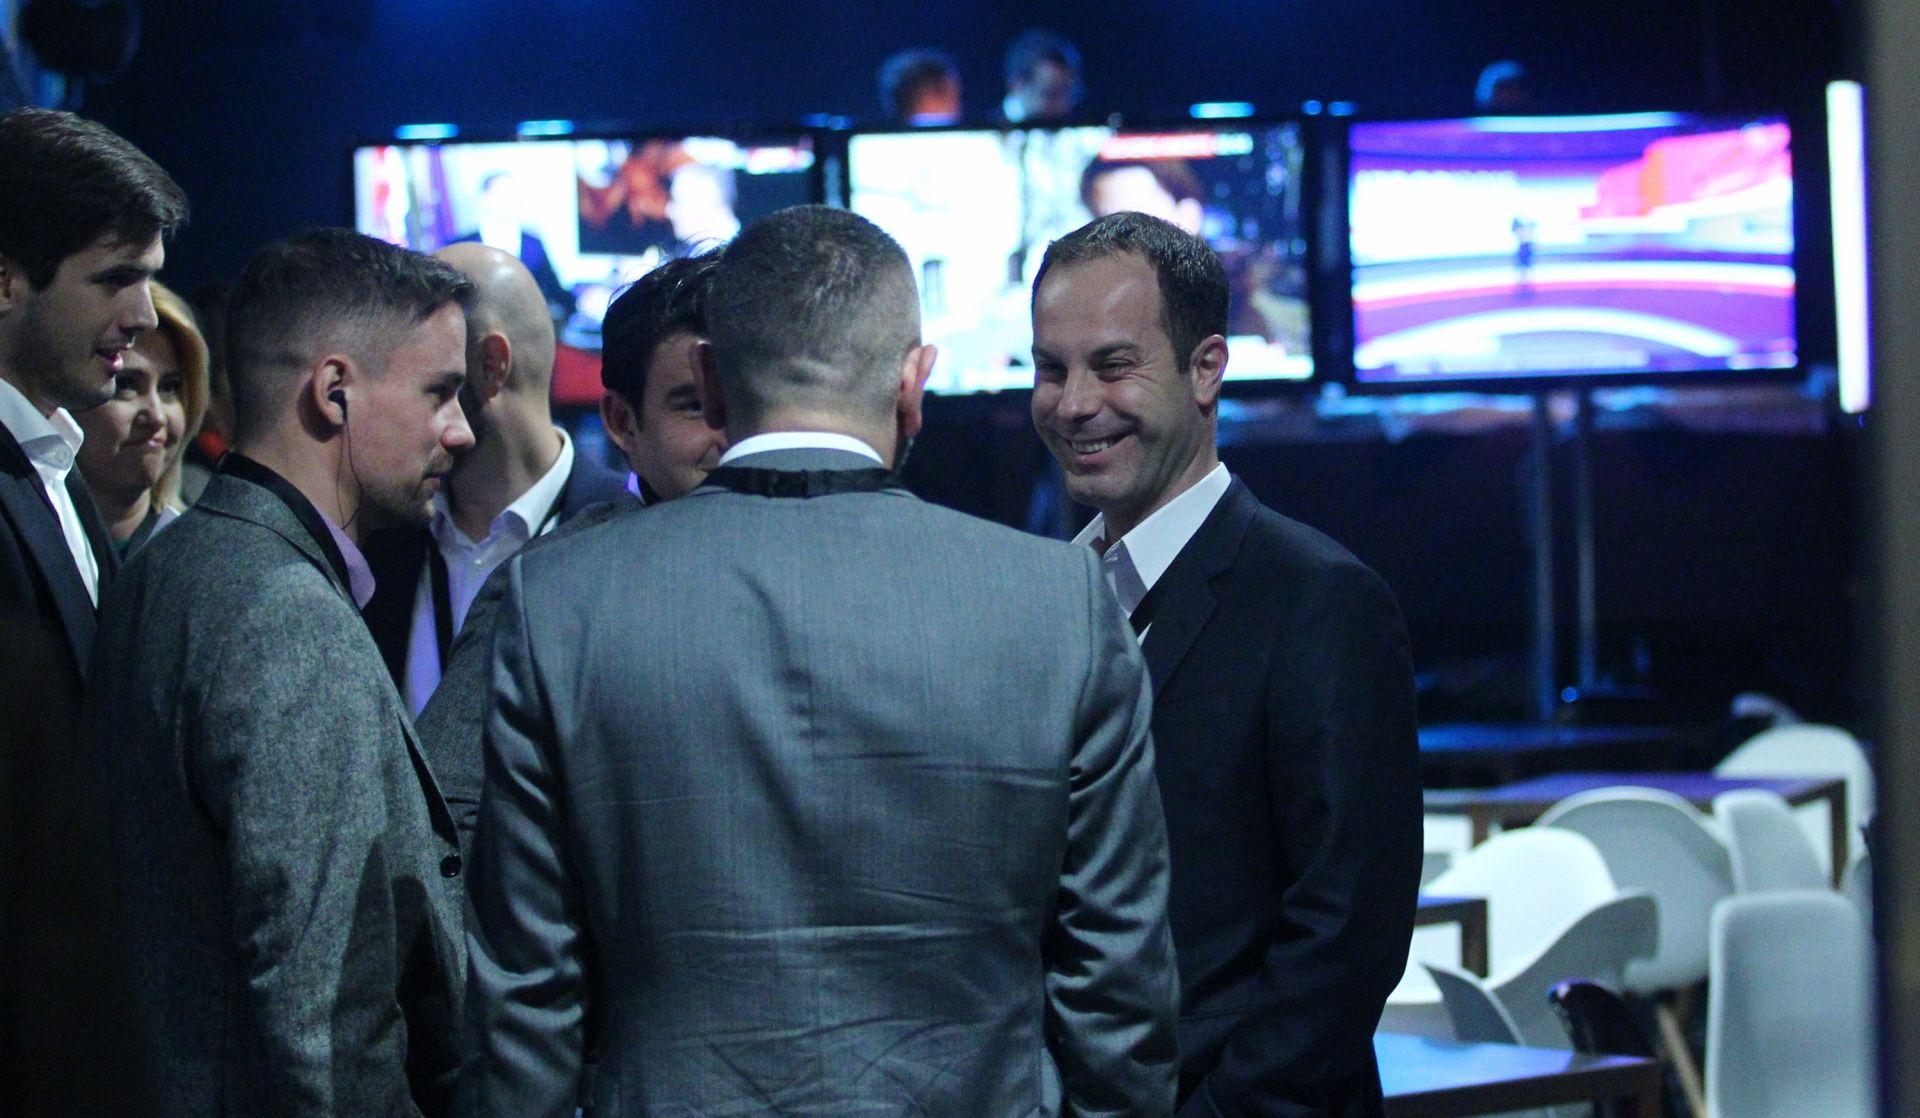 Alex Braun, PR koji je osmislio kampanju. Photo: Zeljko Lukunic/PIXSELL